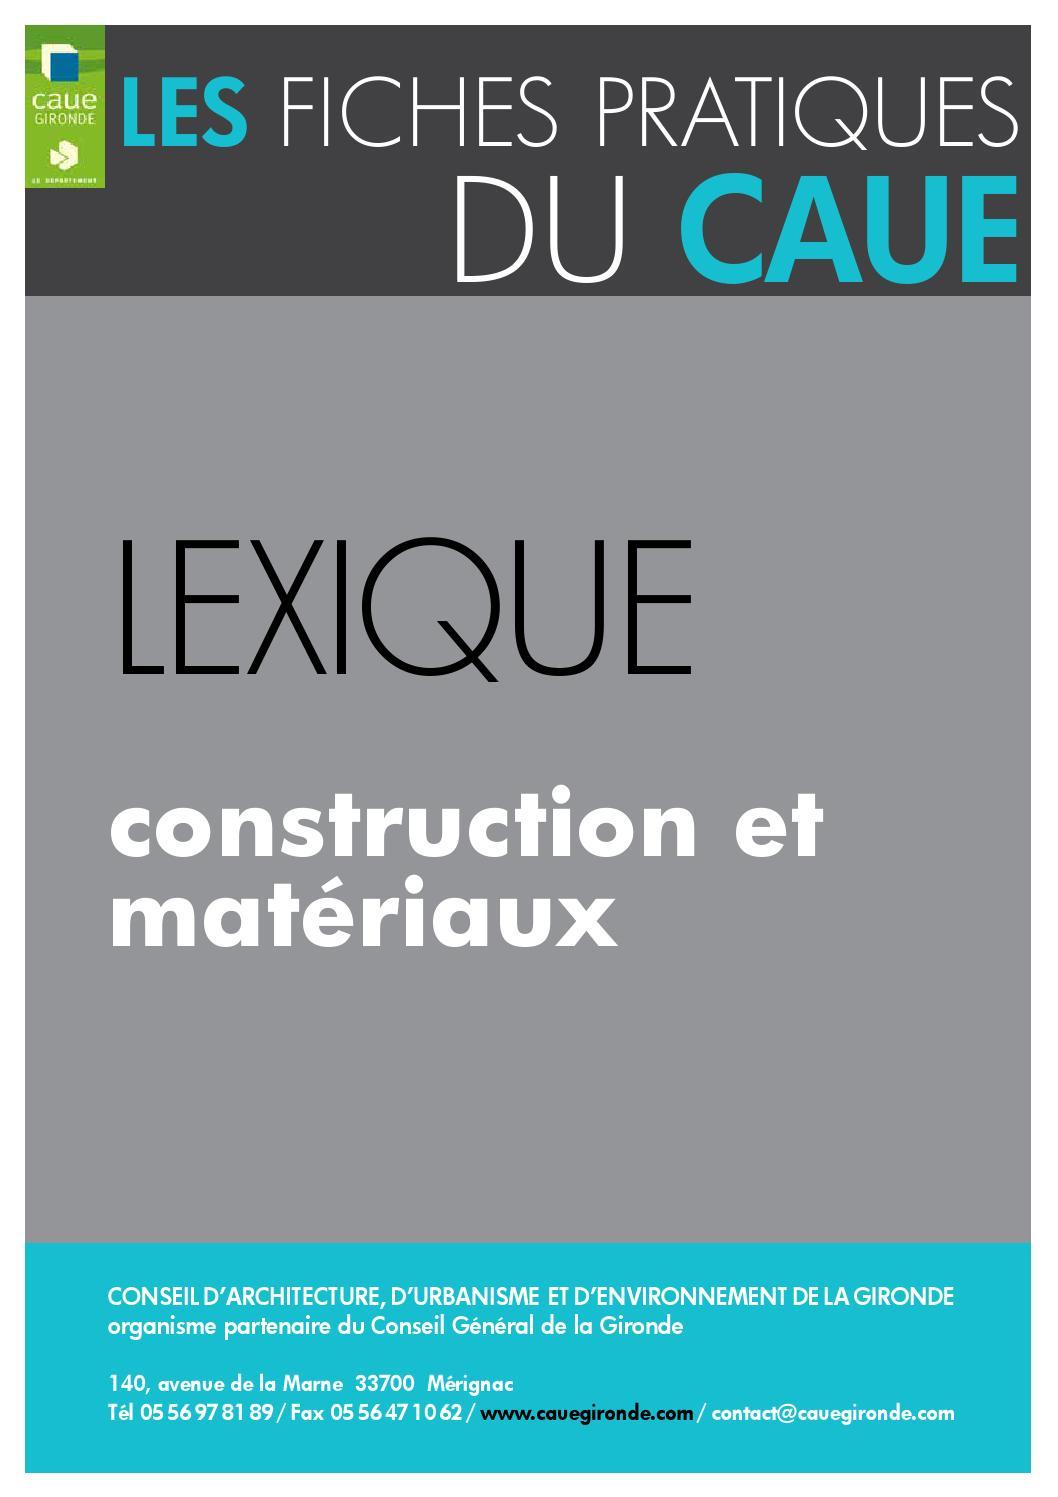 2015 lexique construction et mat riaux by caue de la gironde issuu. Black Bedroom Furniture Sets. Home Design Ideas